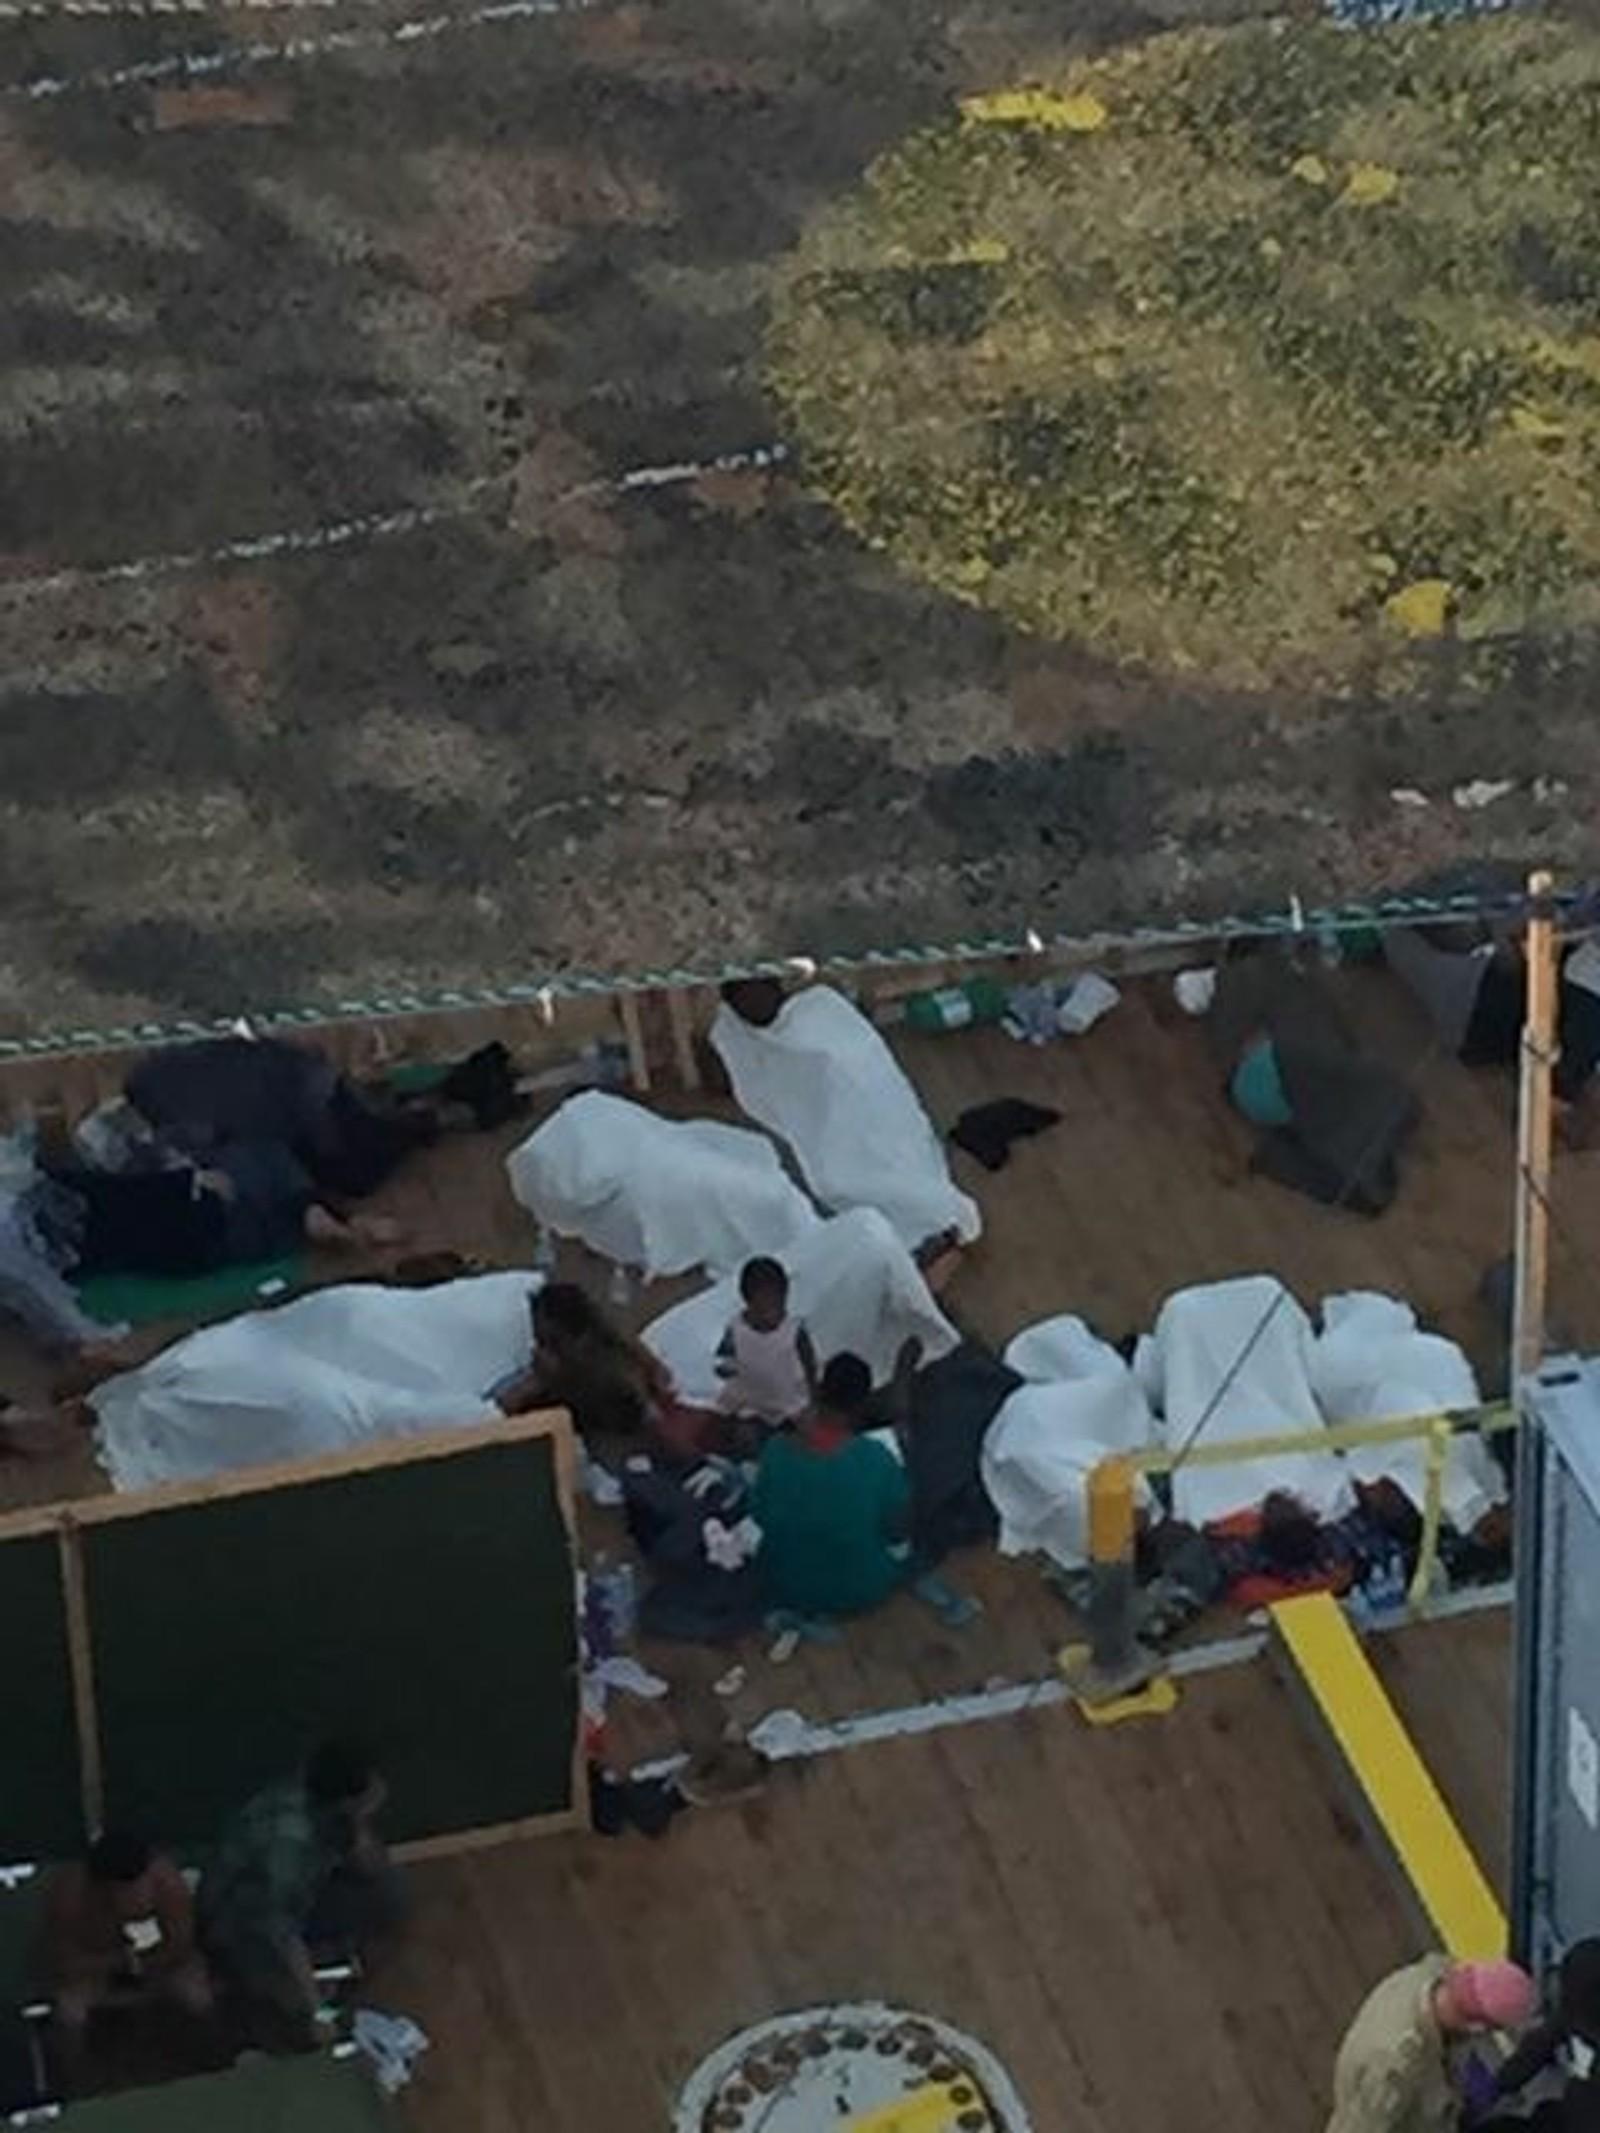 Ombord i Siem Pilot fikk flyktningene og migrantene mat, vann og skygge mot den skarpe solen. Barna fikk leker for å finner roen.